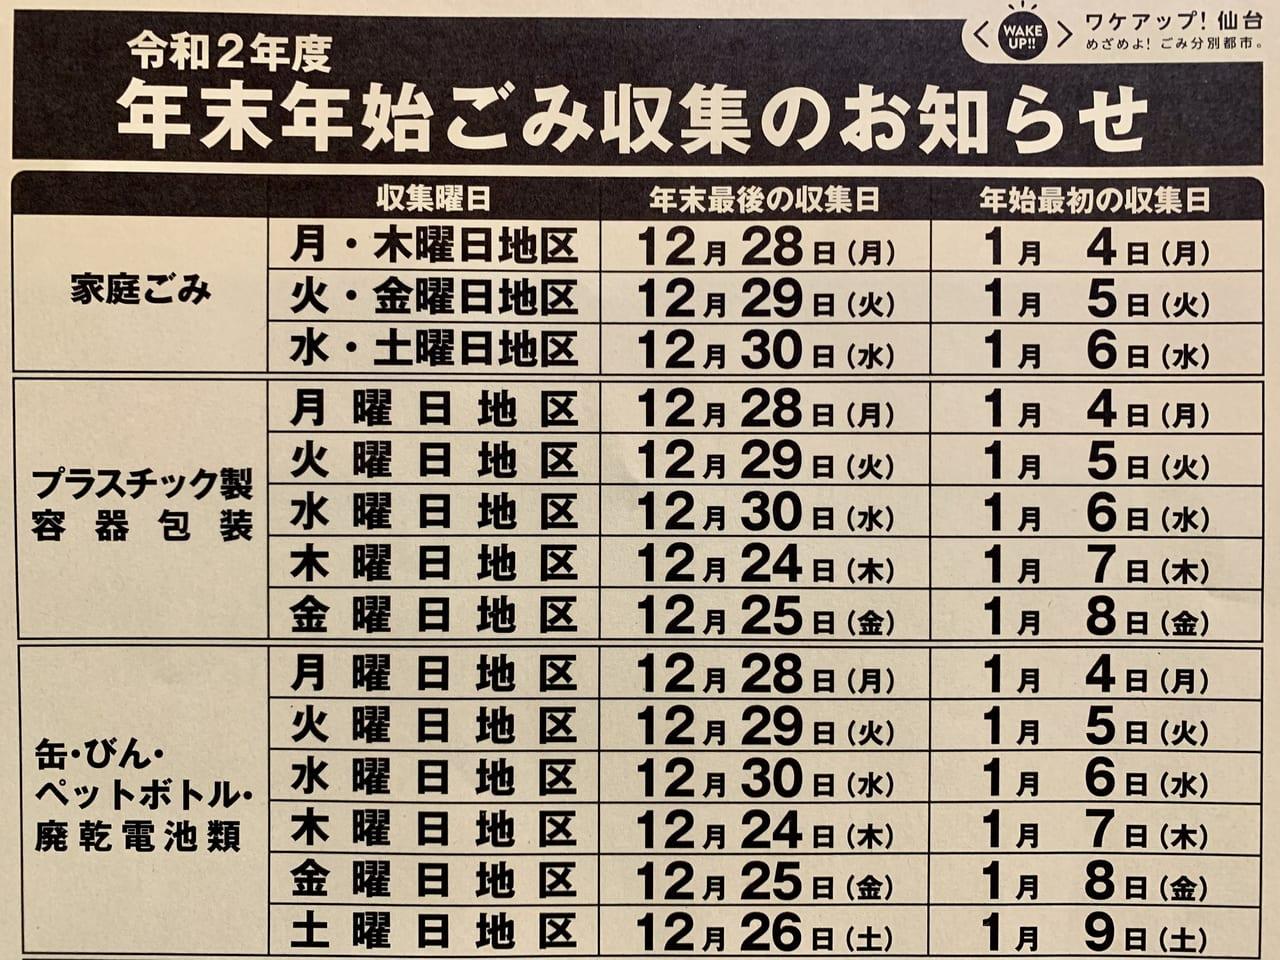 収集 豊田 市 日 ゴミ